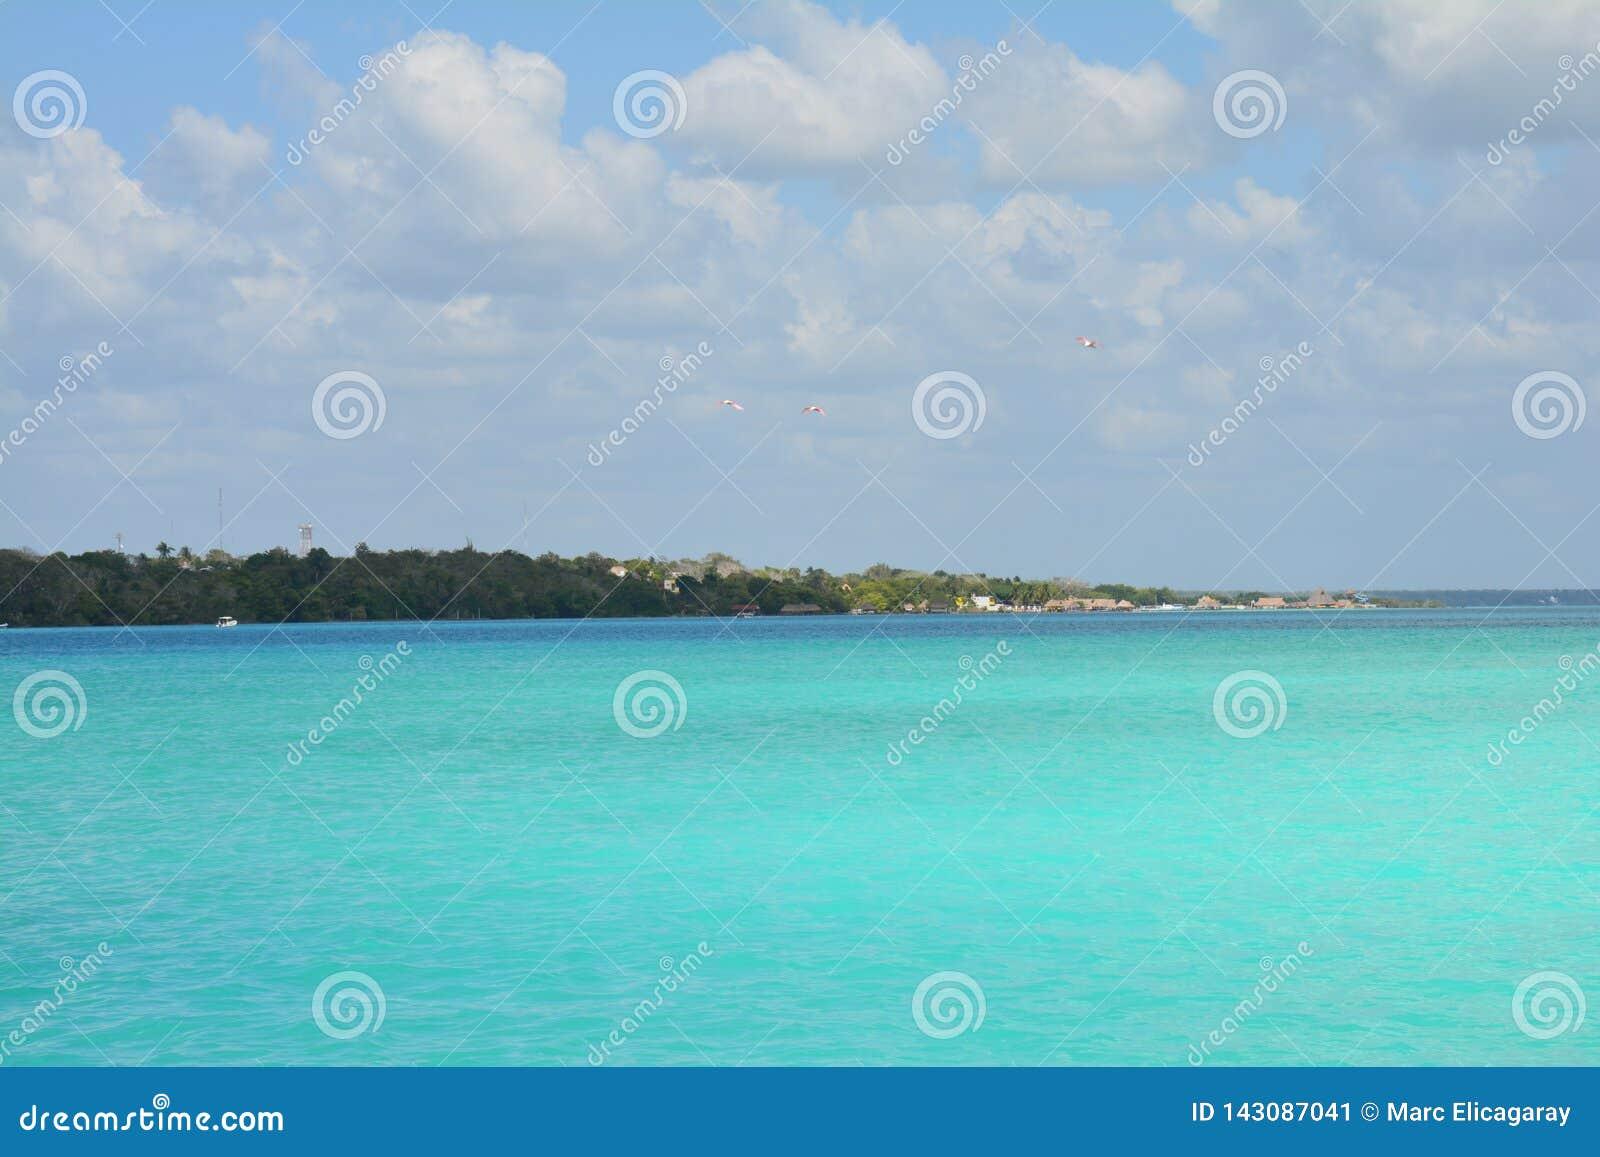 Bacalarlagune in Quintana Roo Mexico